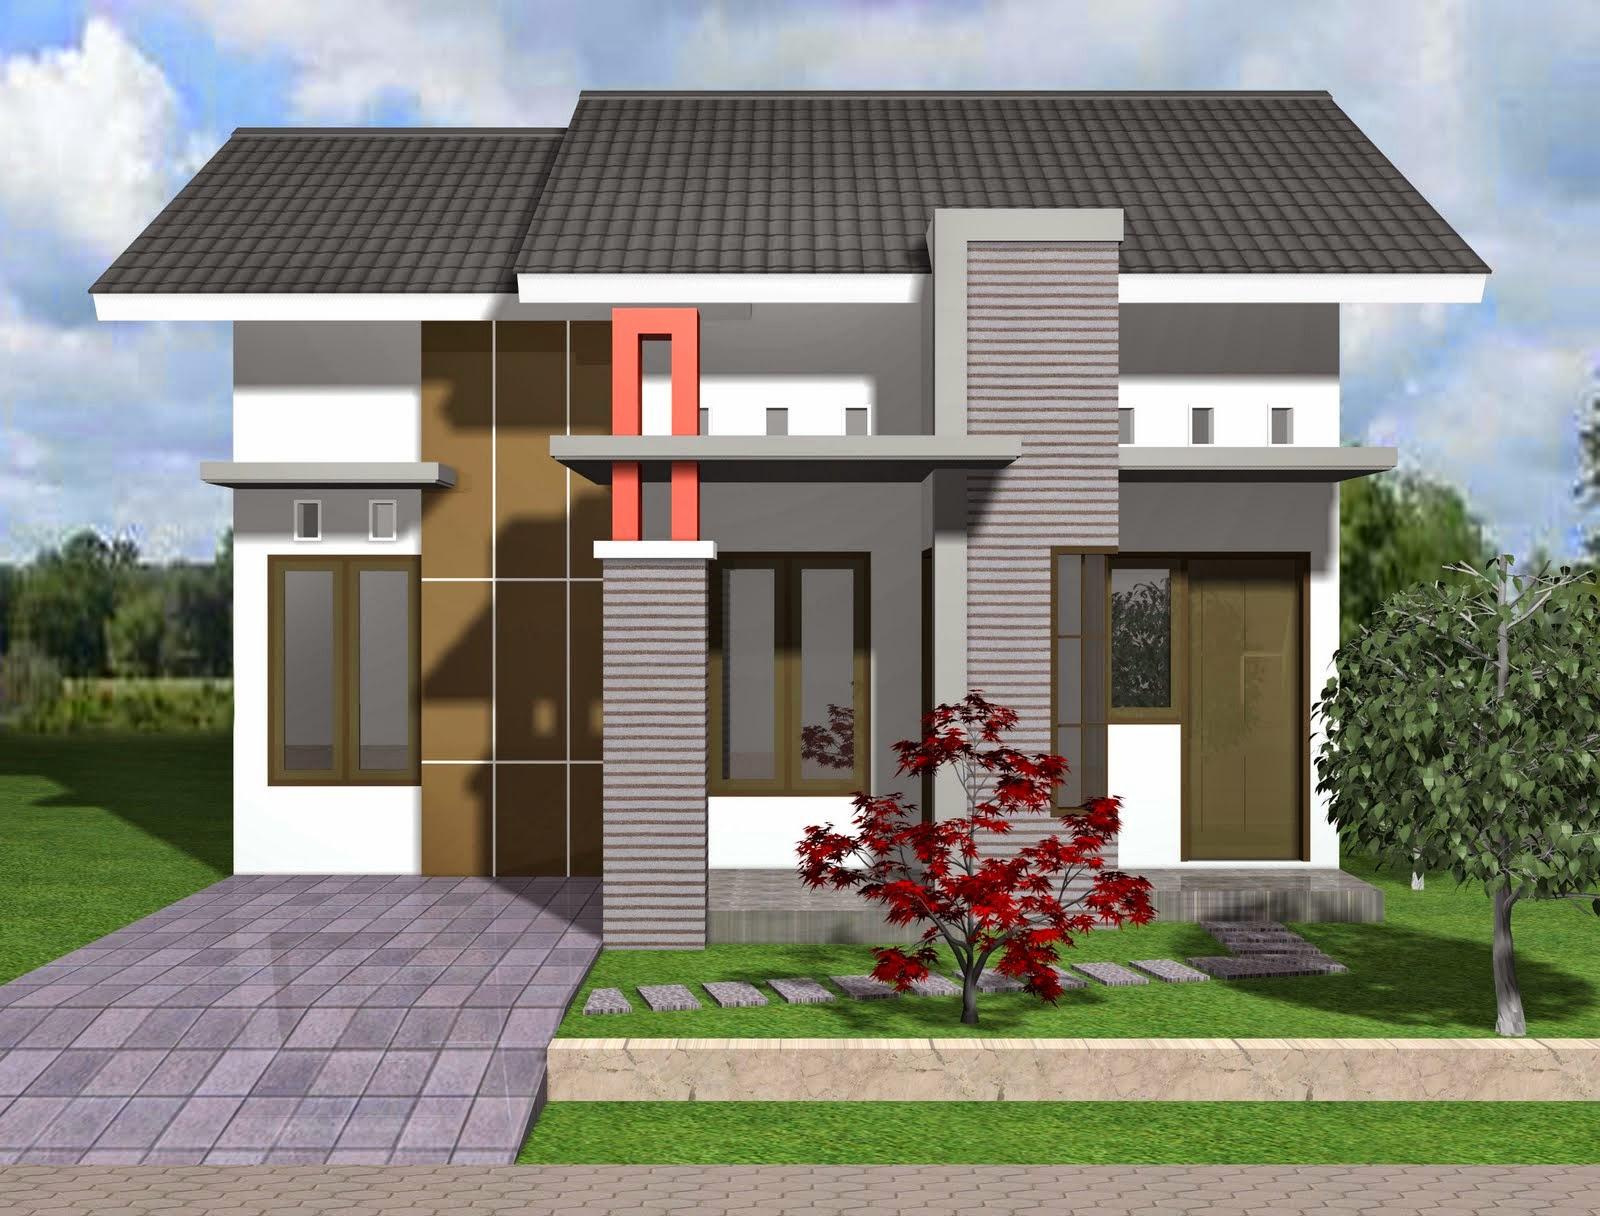 Gambar Desain Rumah Sederhana Modern Berbagai Type ( 21 ...